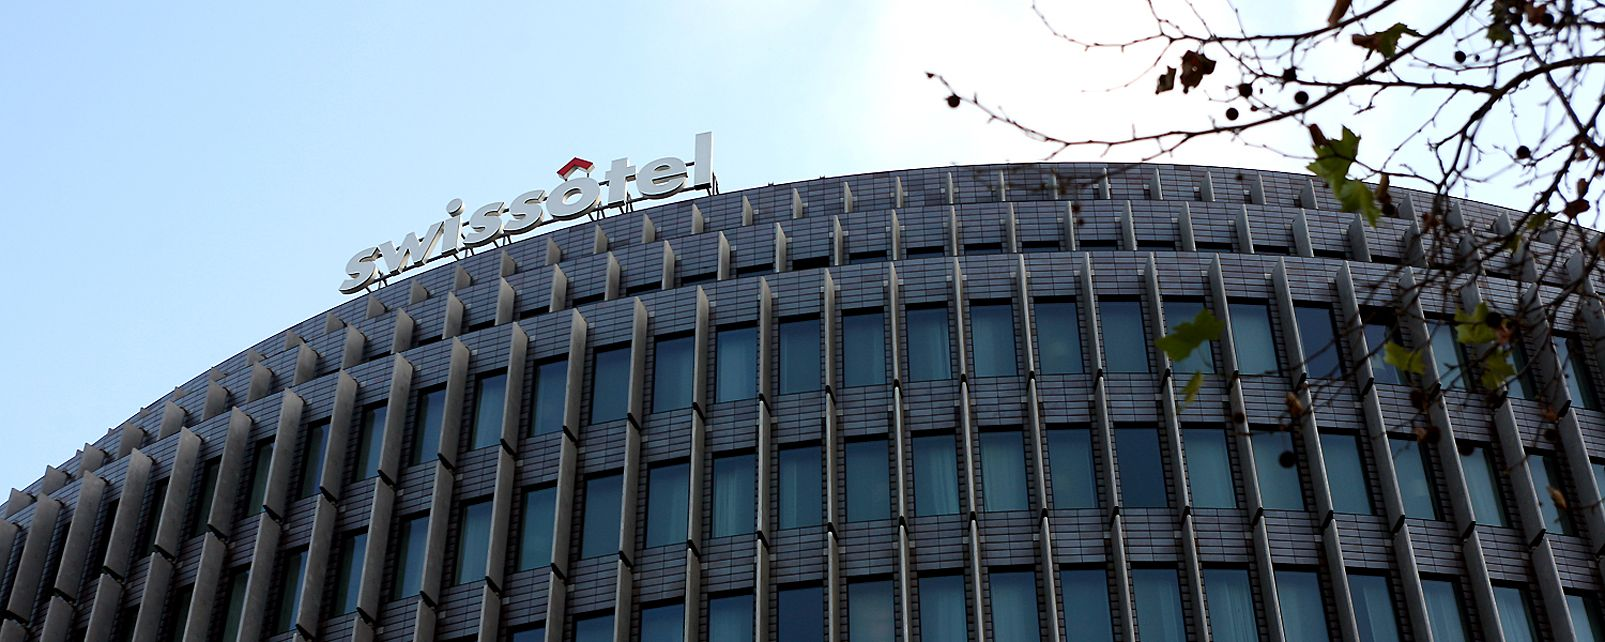 Hotel Concorde Hotel Berlin